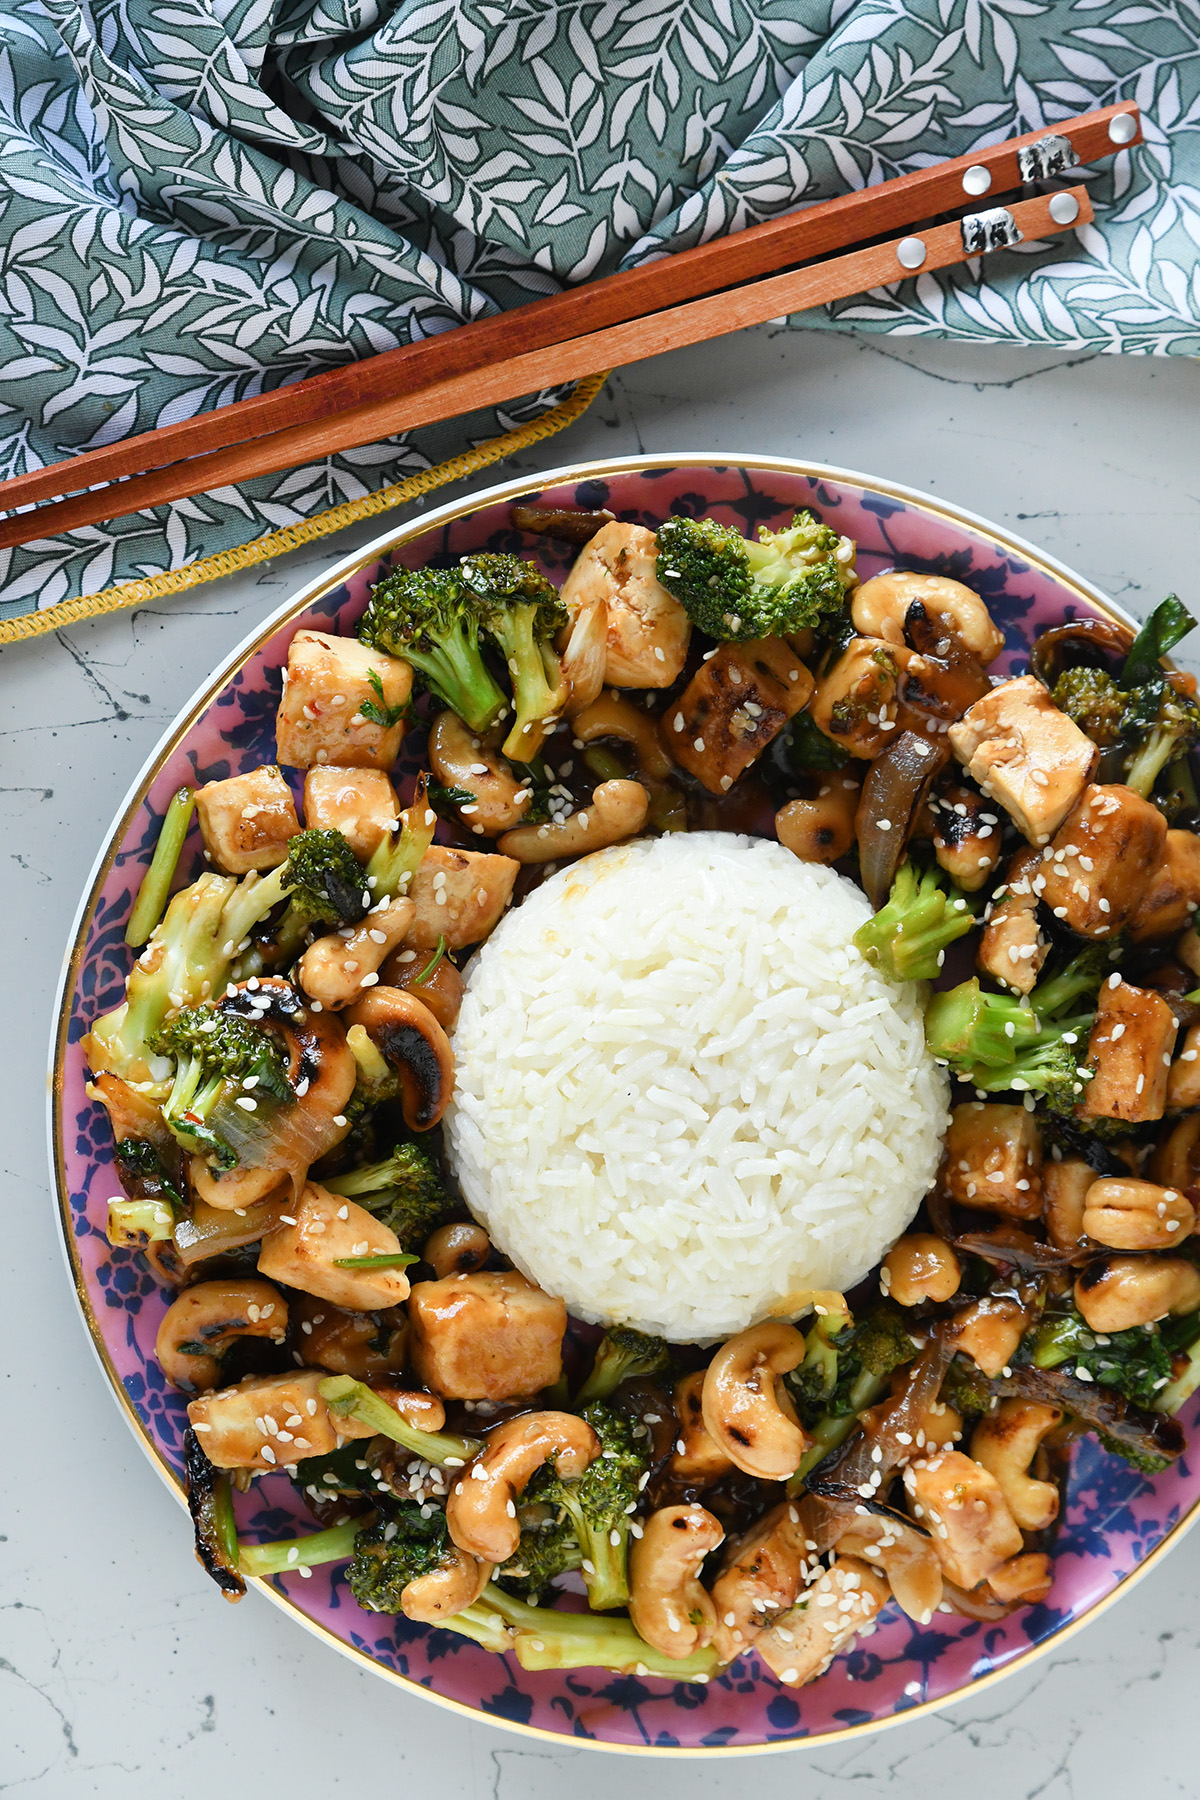 טופו מוקפץ עם ברוקולי וקשיו לצד אורז בניחוח קוקוס